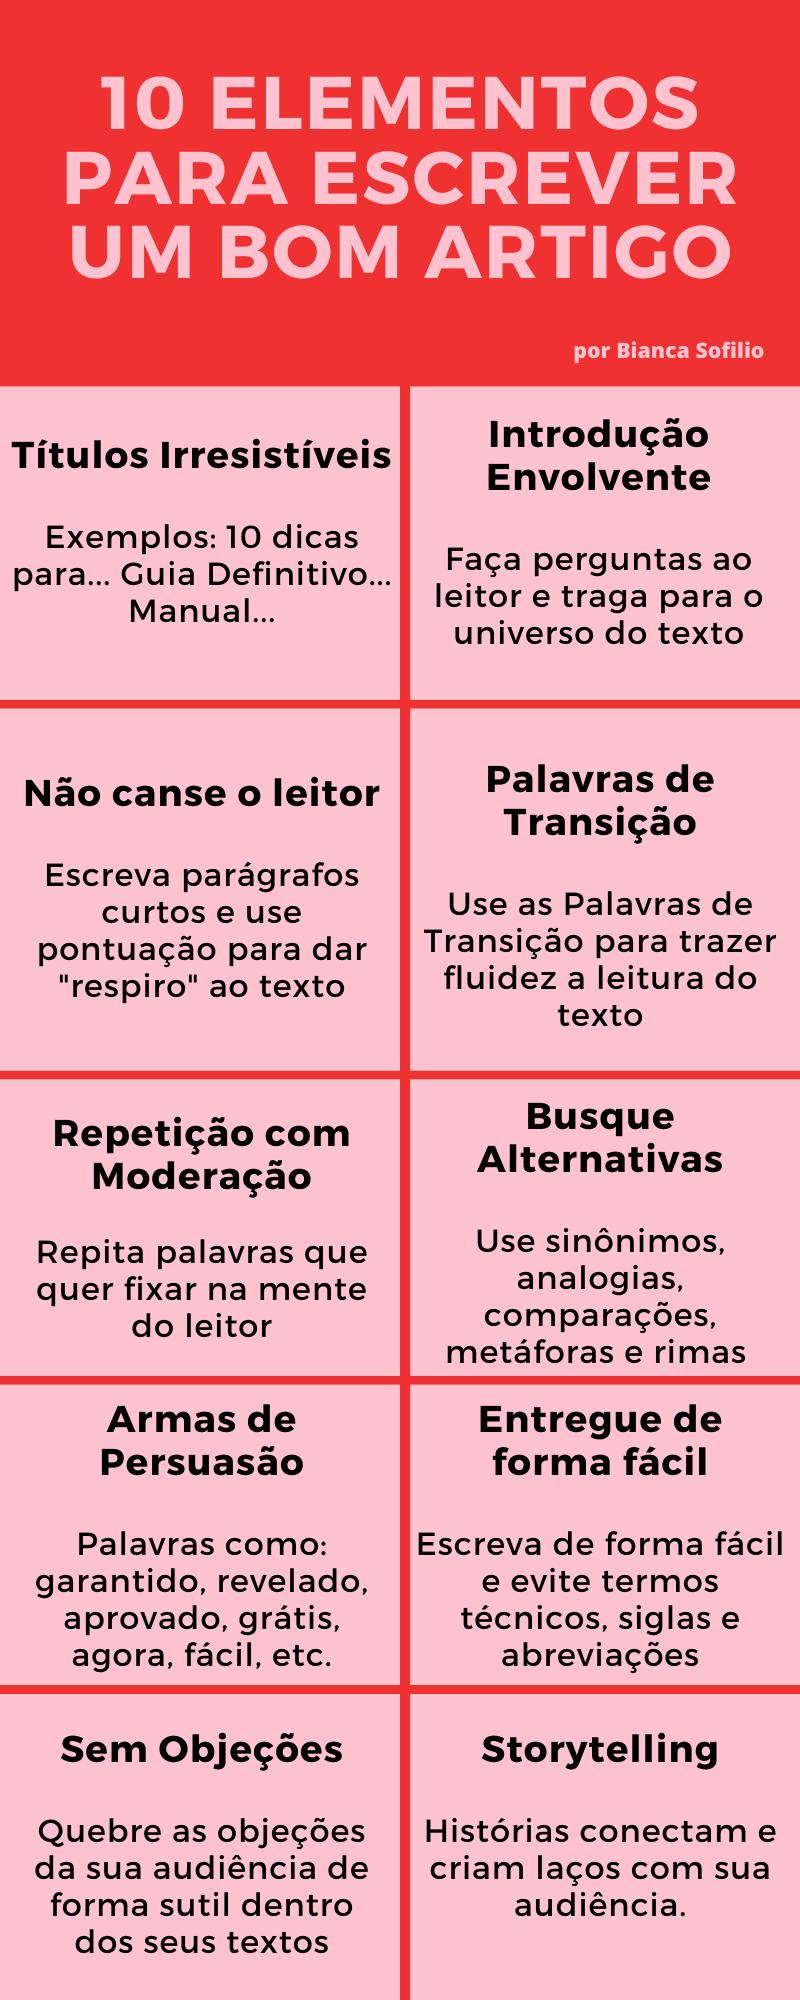 Infográfico 10 elementos para escrever um bom artigo